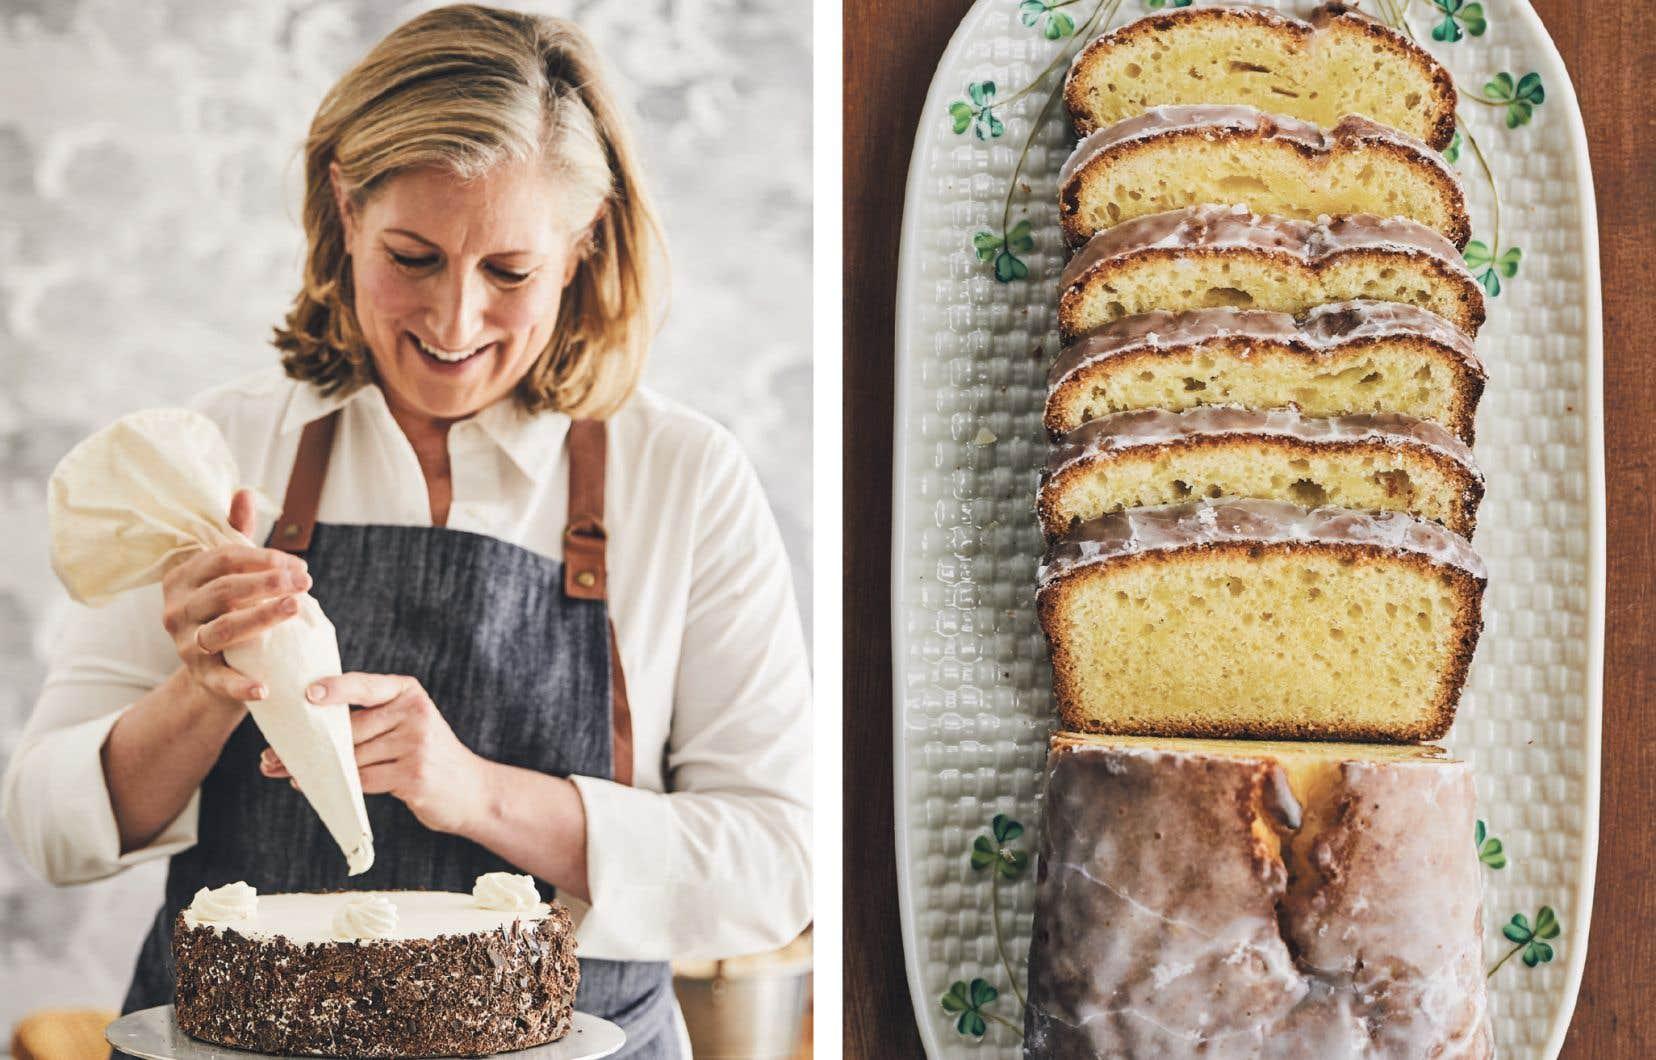 Dans son livre, Lesley Chesterman transmet ses judicieux conseils pour réussir plus d'une centaine de classiques culinaires avec brio (comme le gâteau forêt-noire ou le gâteau au citron).